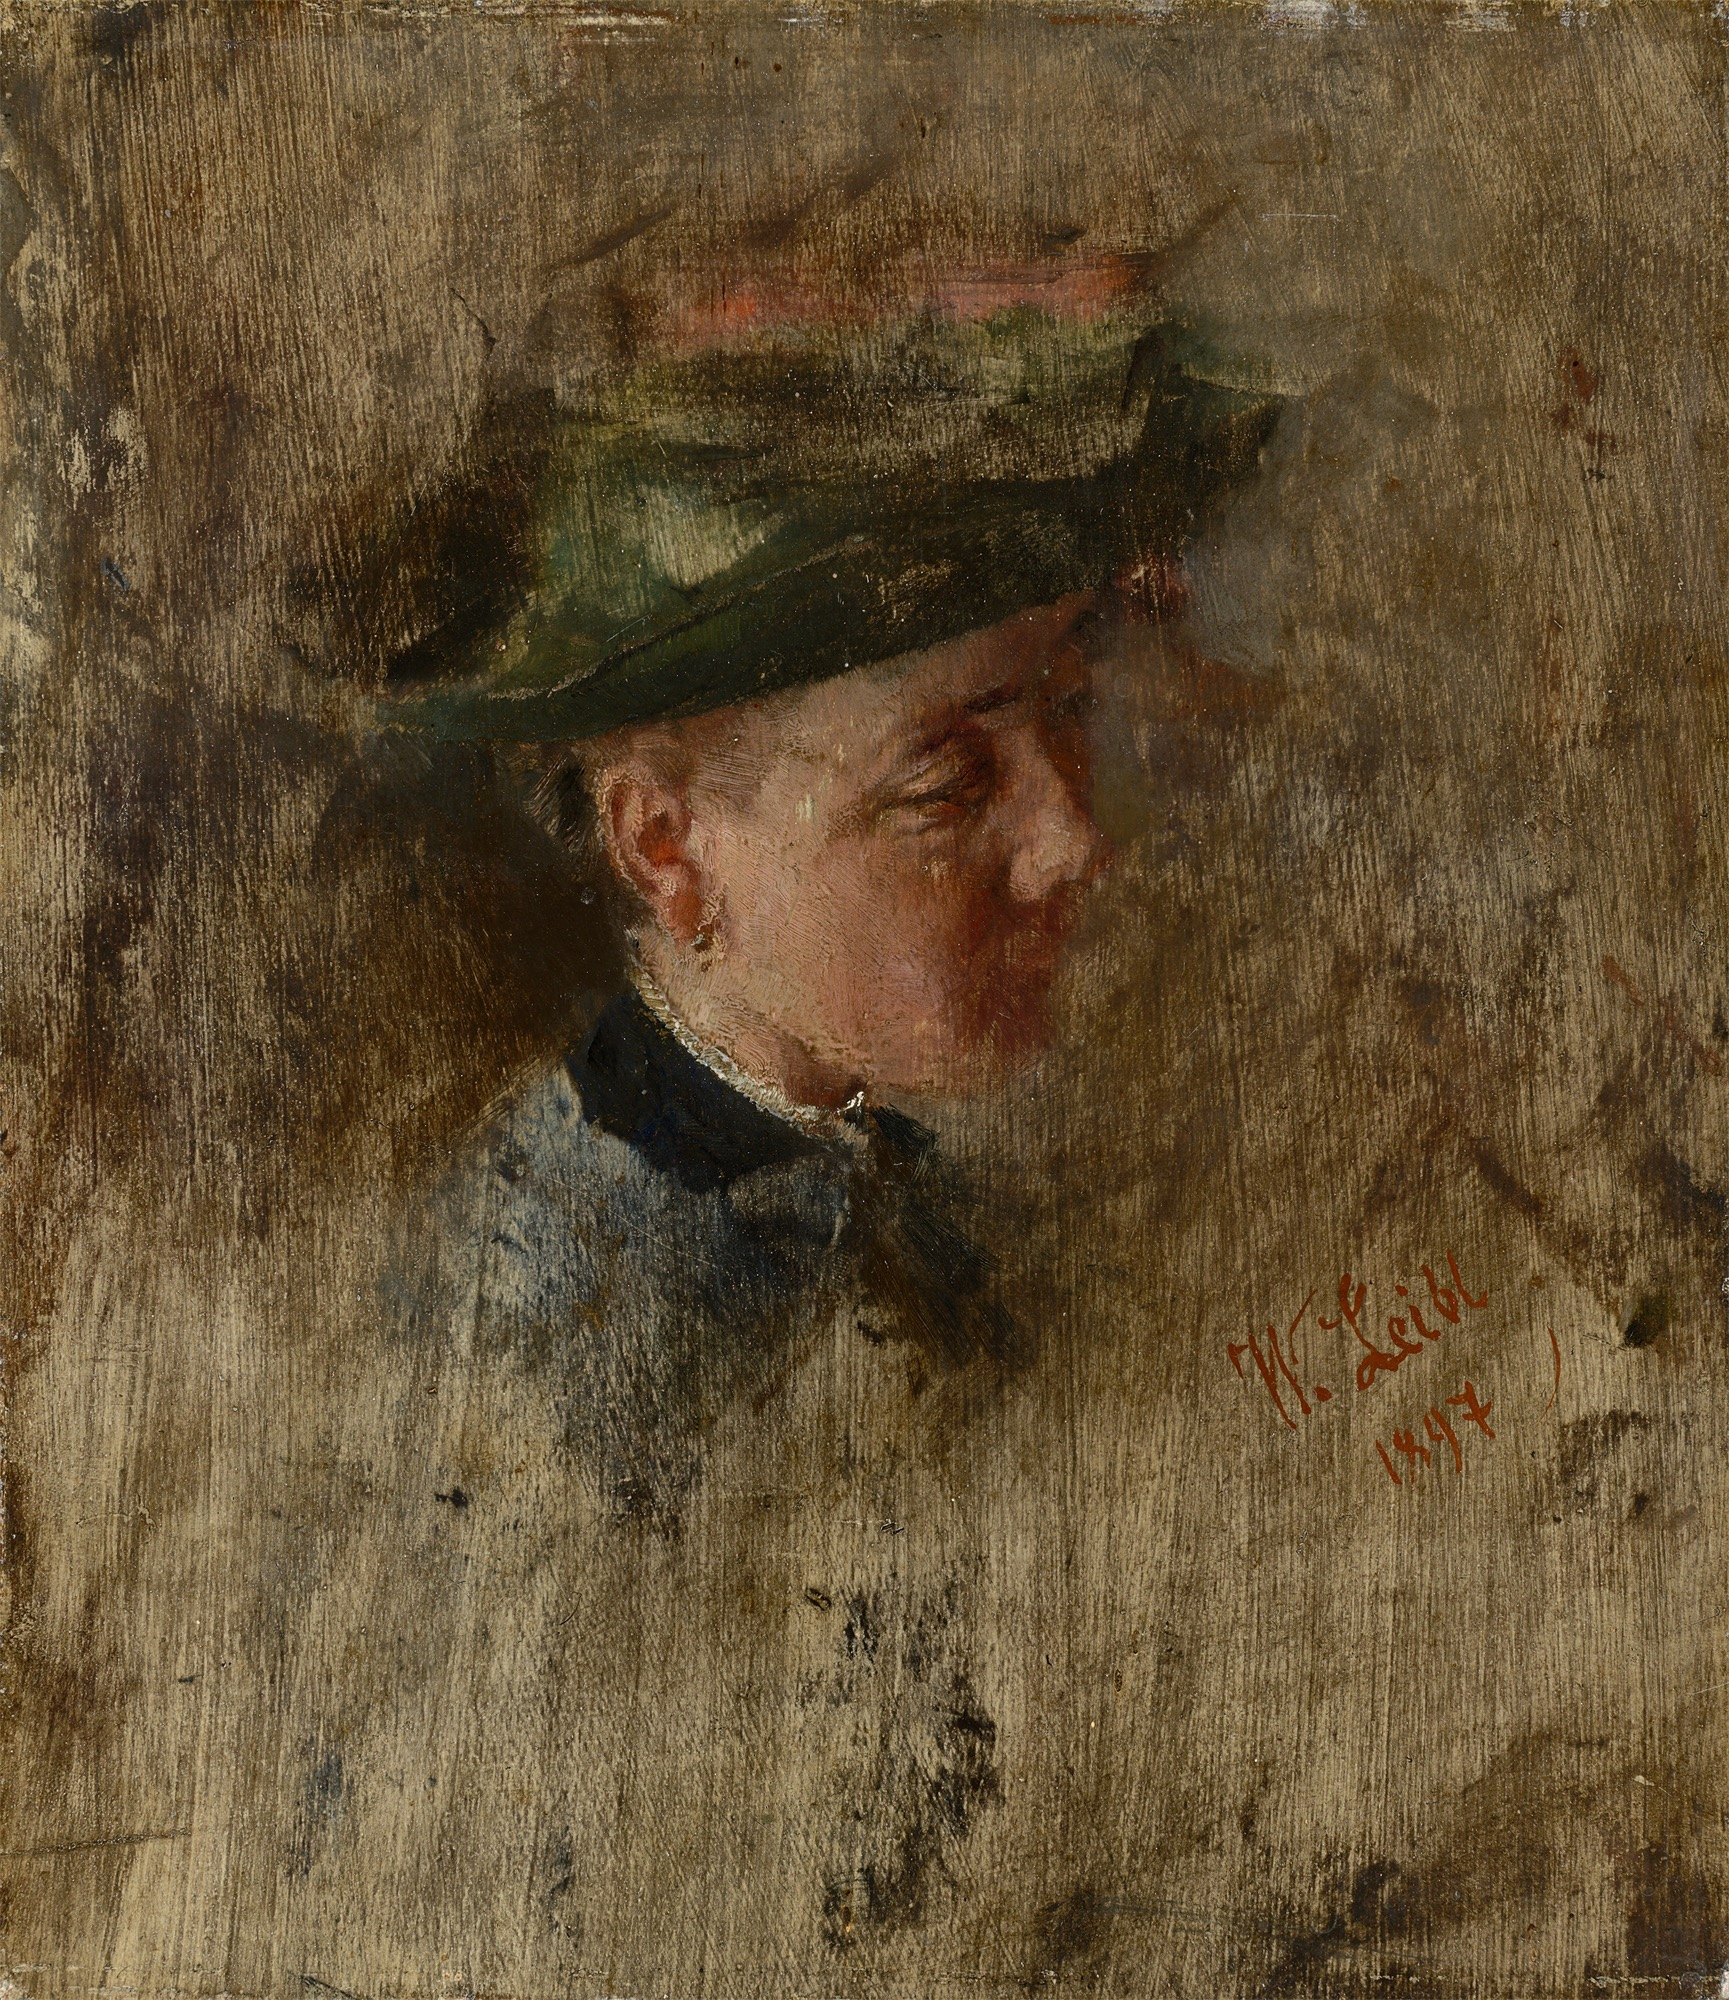 Vente Art du 19ème siècle chez Grisebach : 90 lots